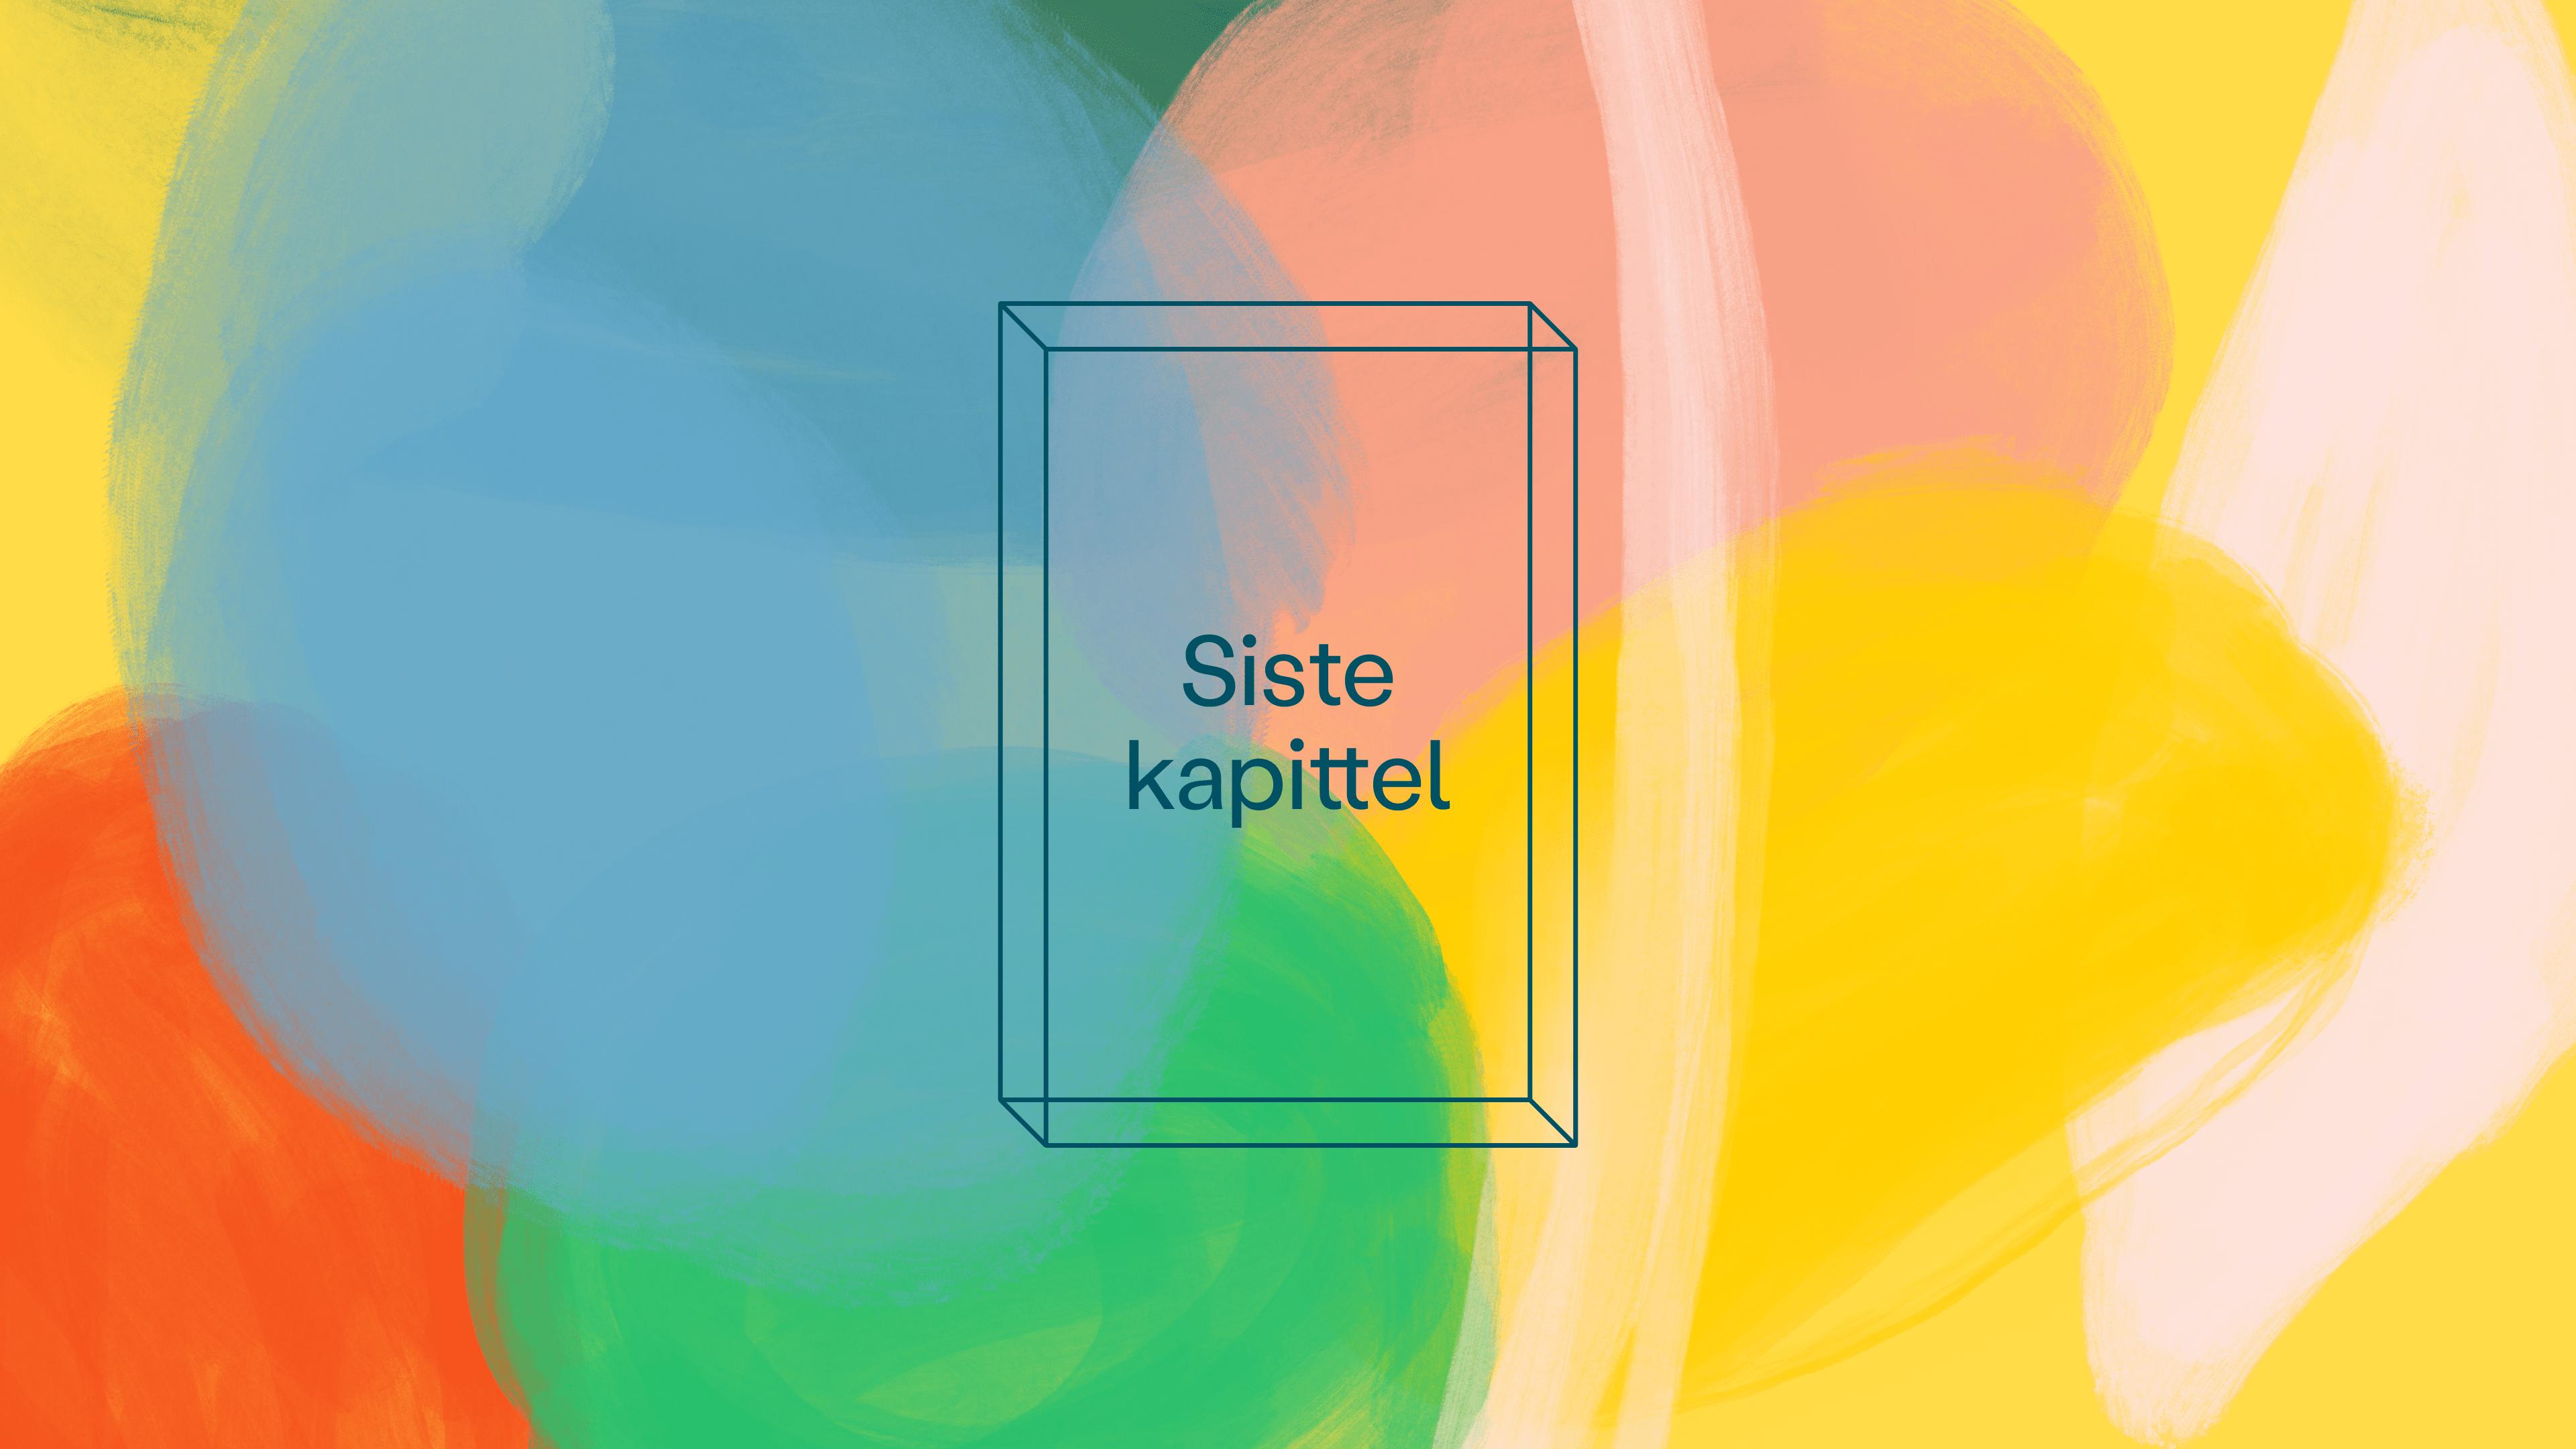 Siste_kapittel_01